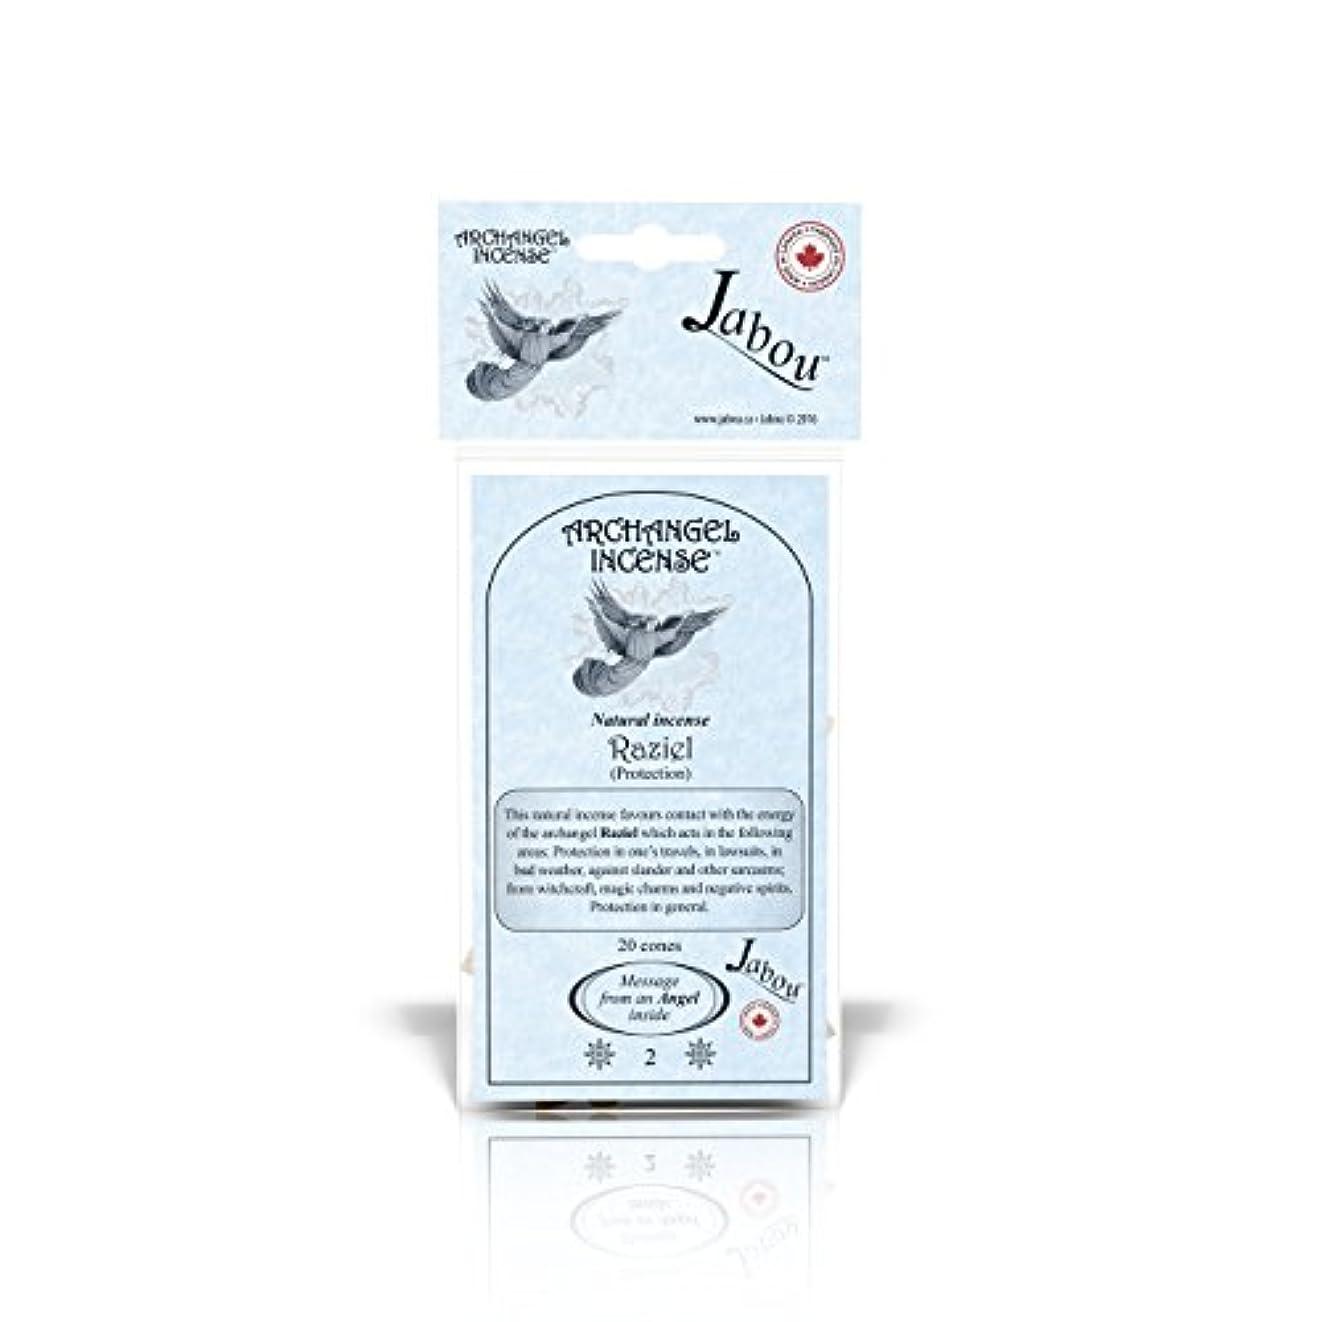 ヒット子供っぽい人気のJabou 大天使 100%天然お香 コーン - 12個の香り - 瞑想 ヨガ リラクゼーション マジック ヒーリング 祈り 儀式 - 20個のコーン - 各30分以上持続